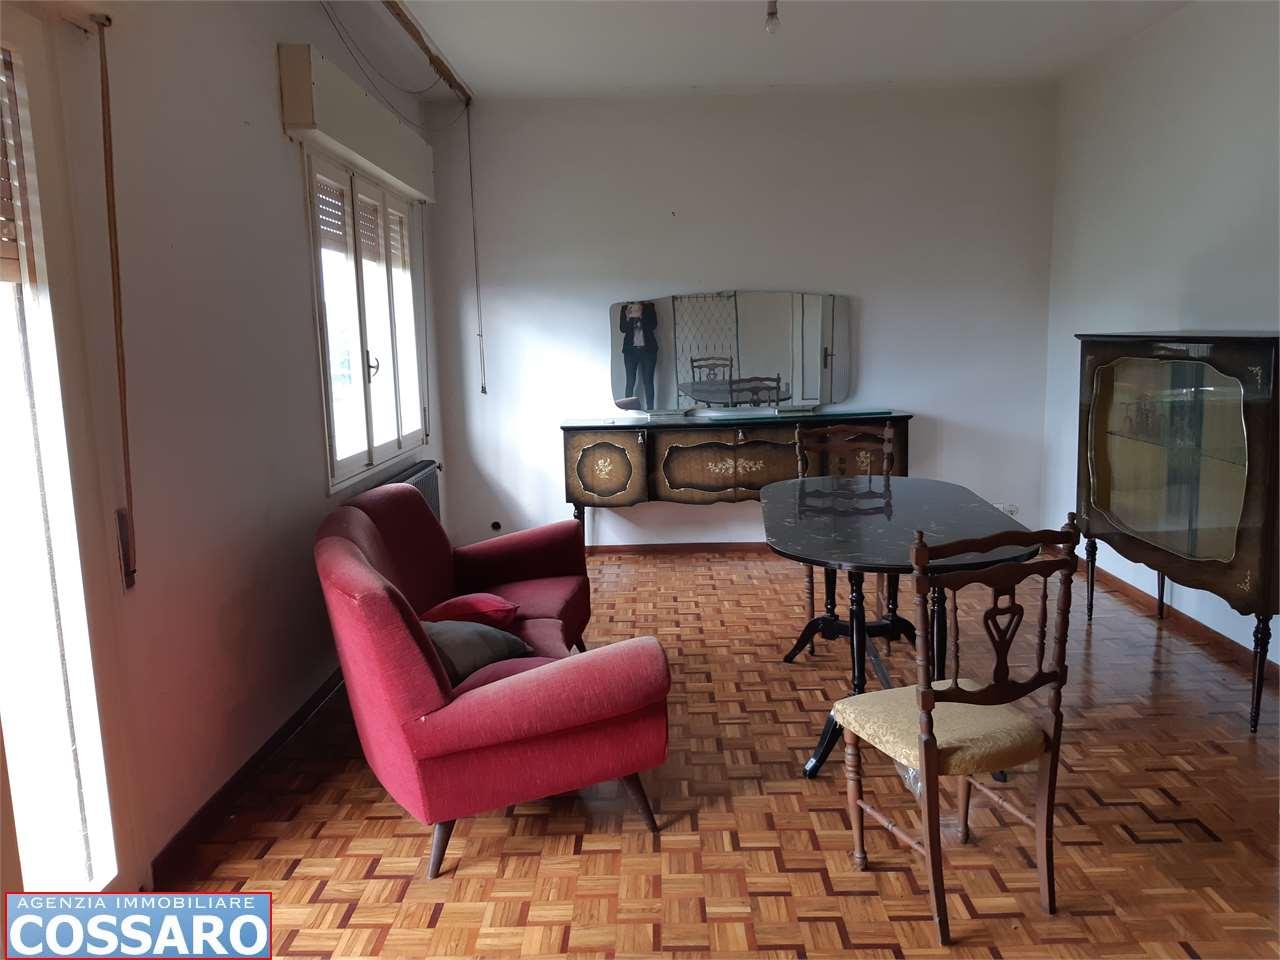 Appartamento in vendita a Castions di Strada, 9999 locali, prezzo € 55.000 | CambioCasa.it